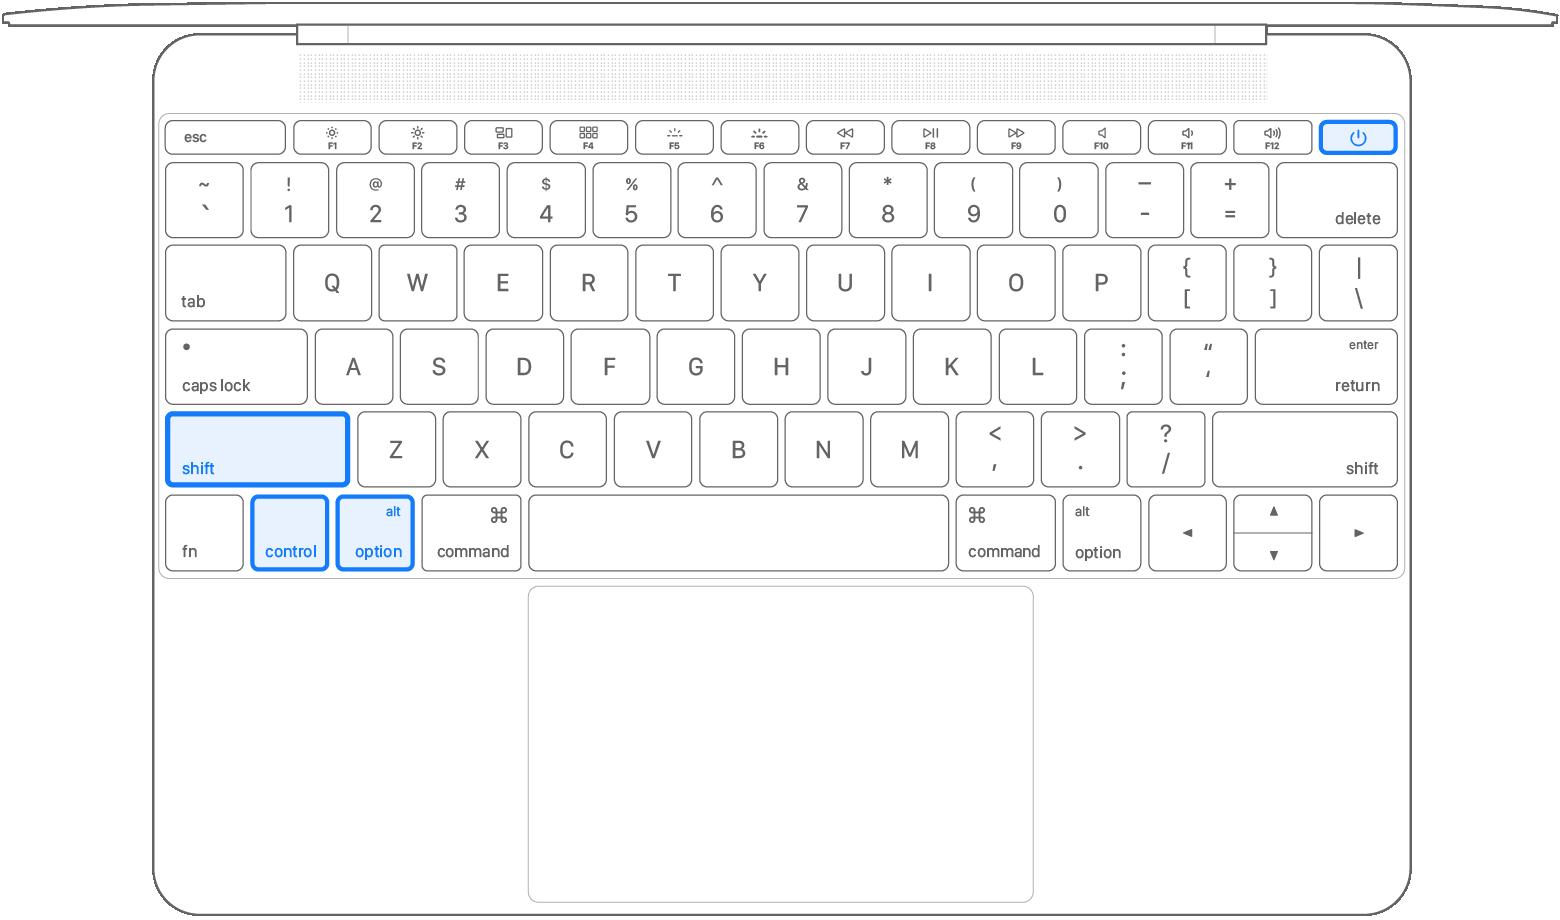 2016-macbook-keyboard-diagram-smc.png